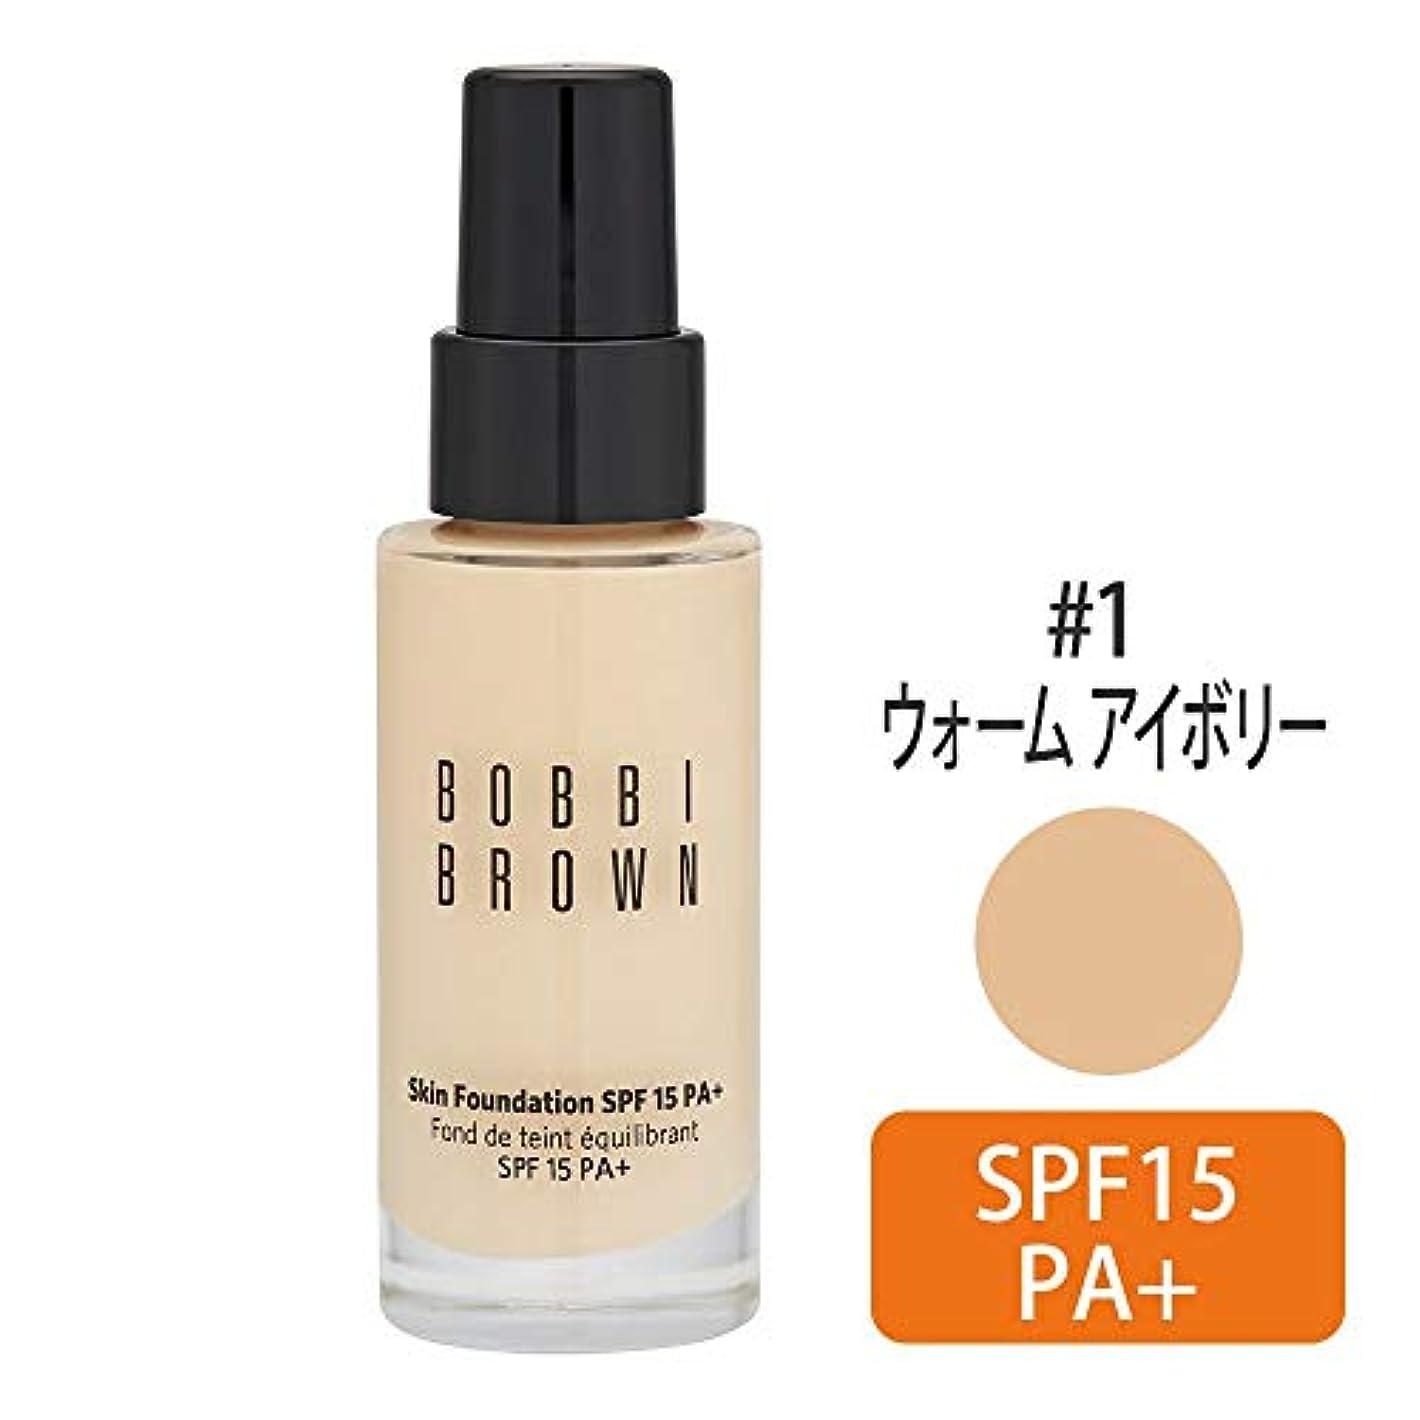 盲信テーブル価値のないBOBBI BROWN ボビイ ブラウン スキン ファンデーション SPF15 PA+ #1 Warm Ivory 30ml [並行輸入品]